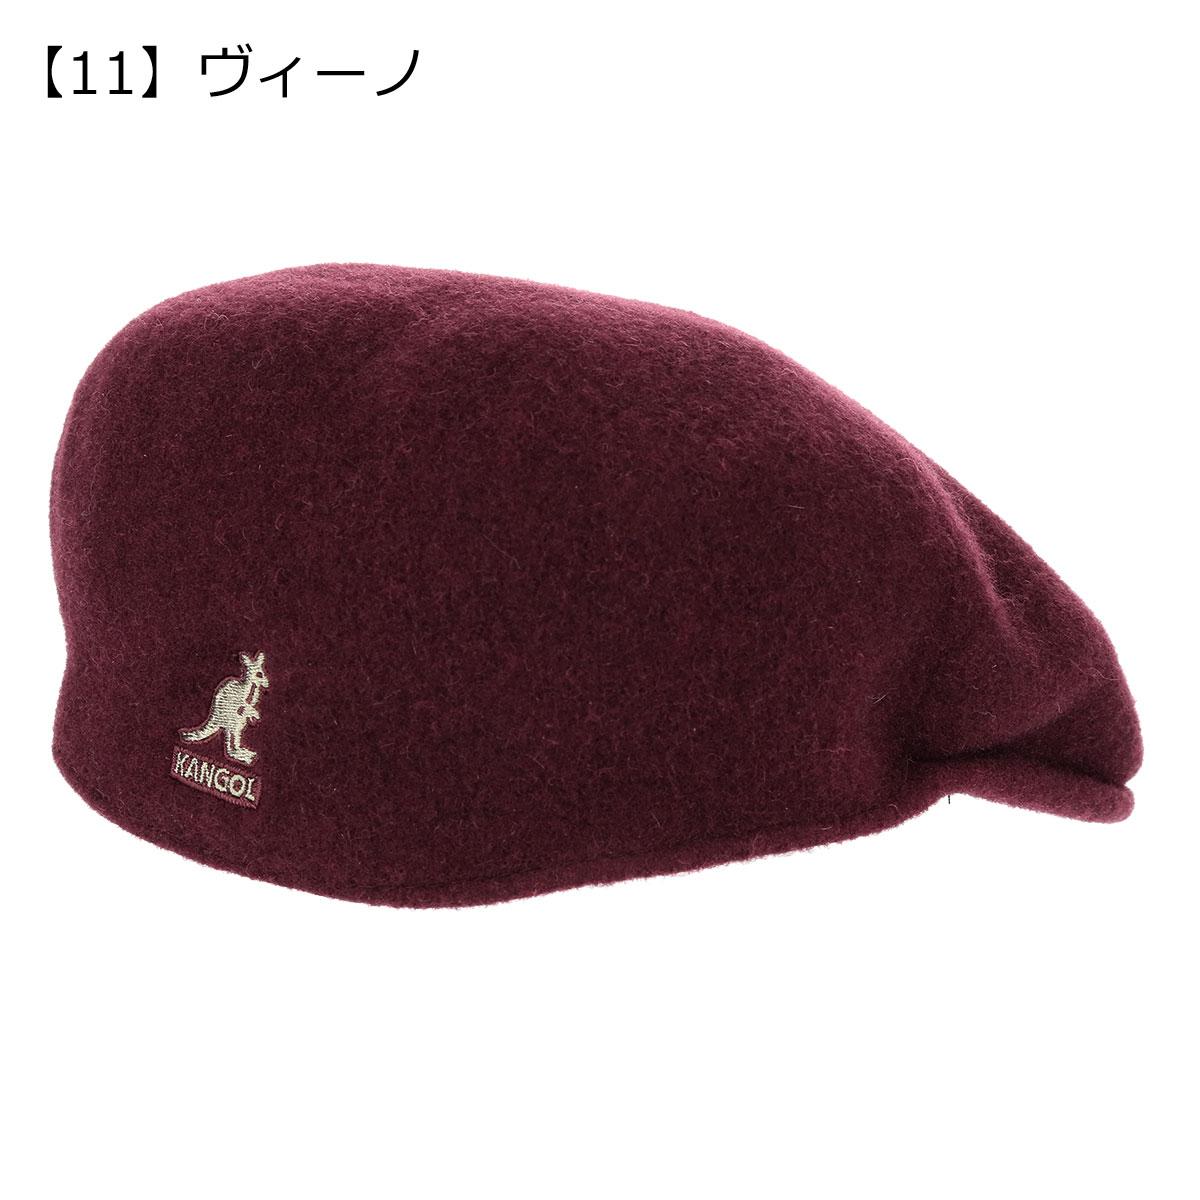 【11】ヴィーノ